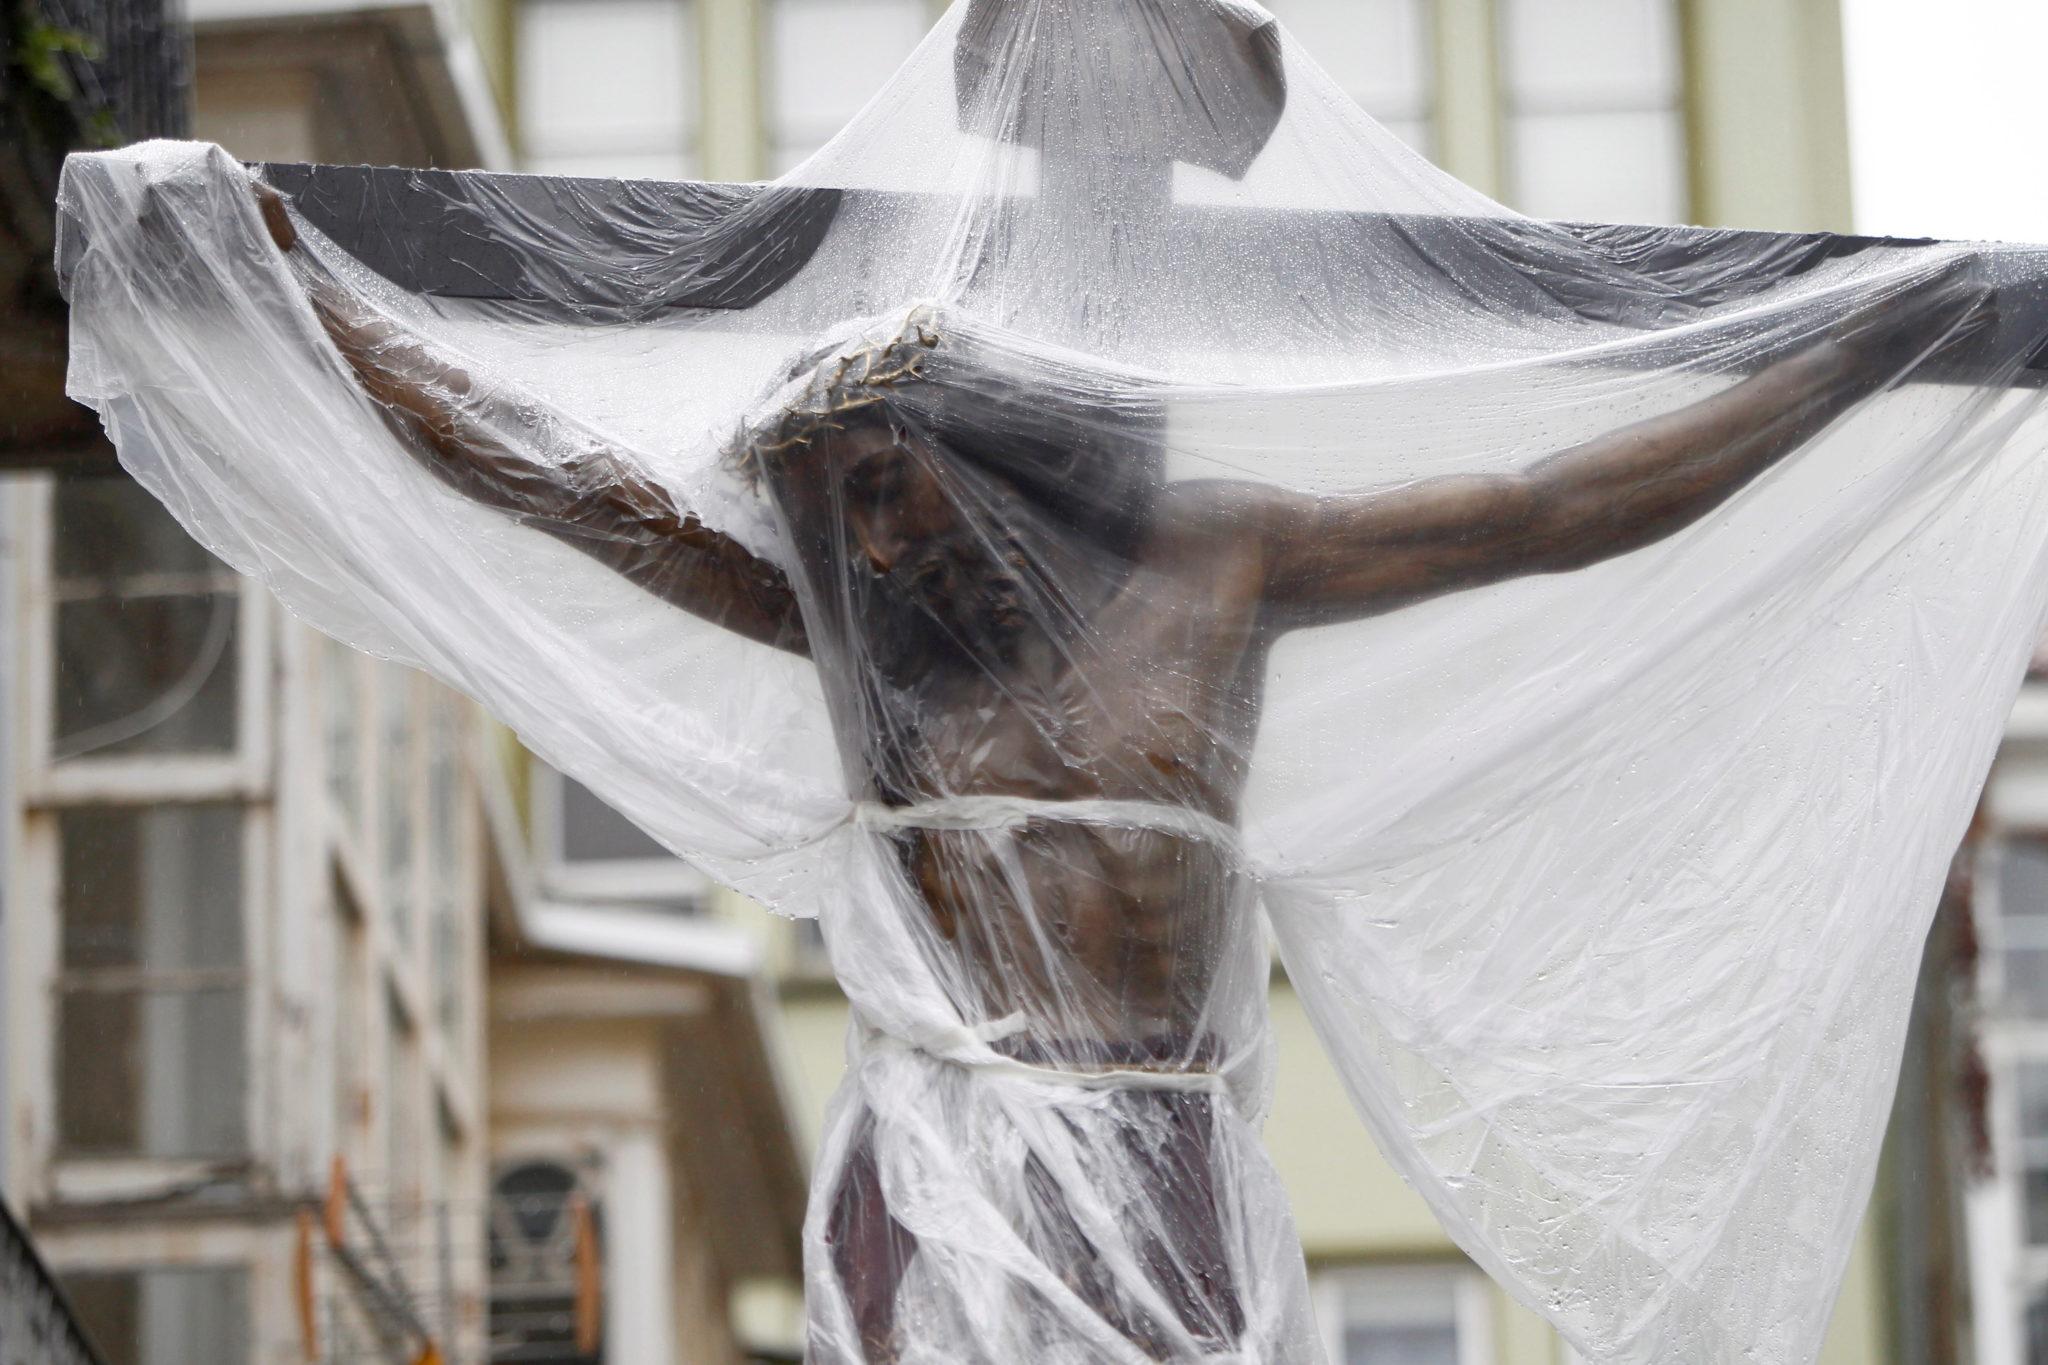 Procesja w południowej Hiszpanii, nabożeństwo zostało zawieszone z powodu obfitego deszczu, fot. Kiko Delgado, PAP/EPA